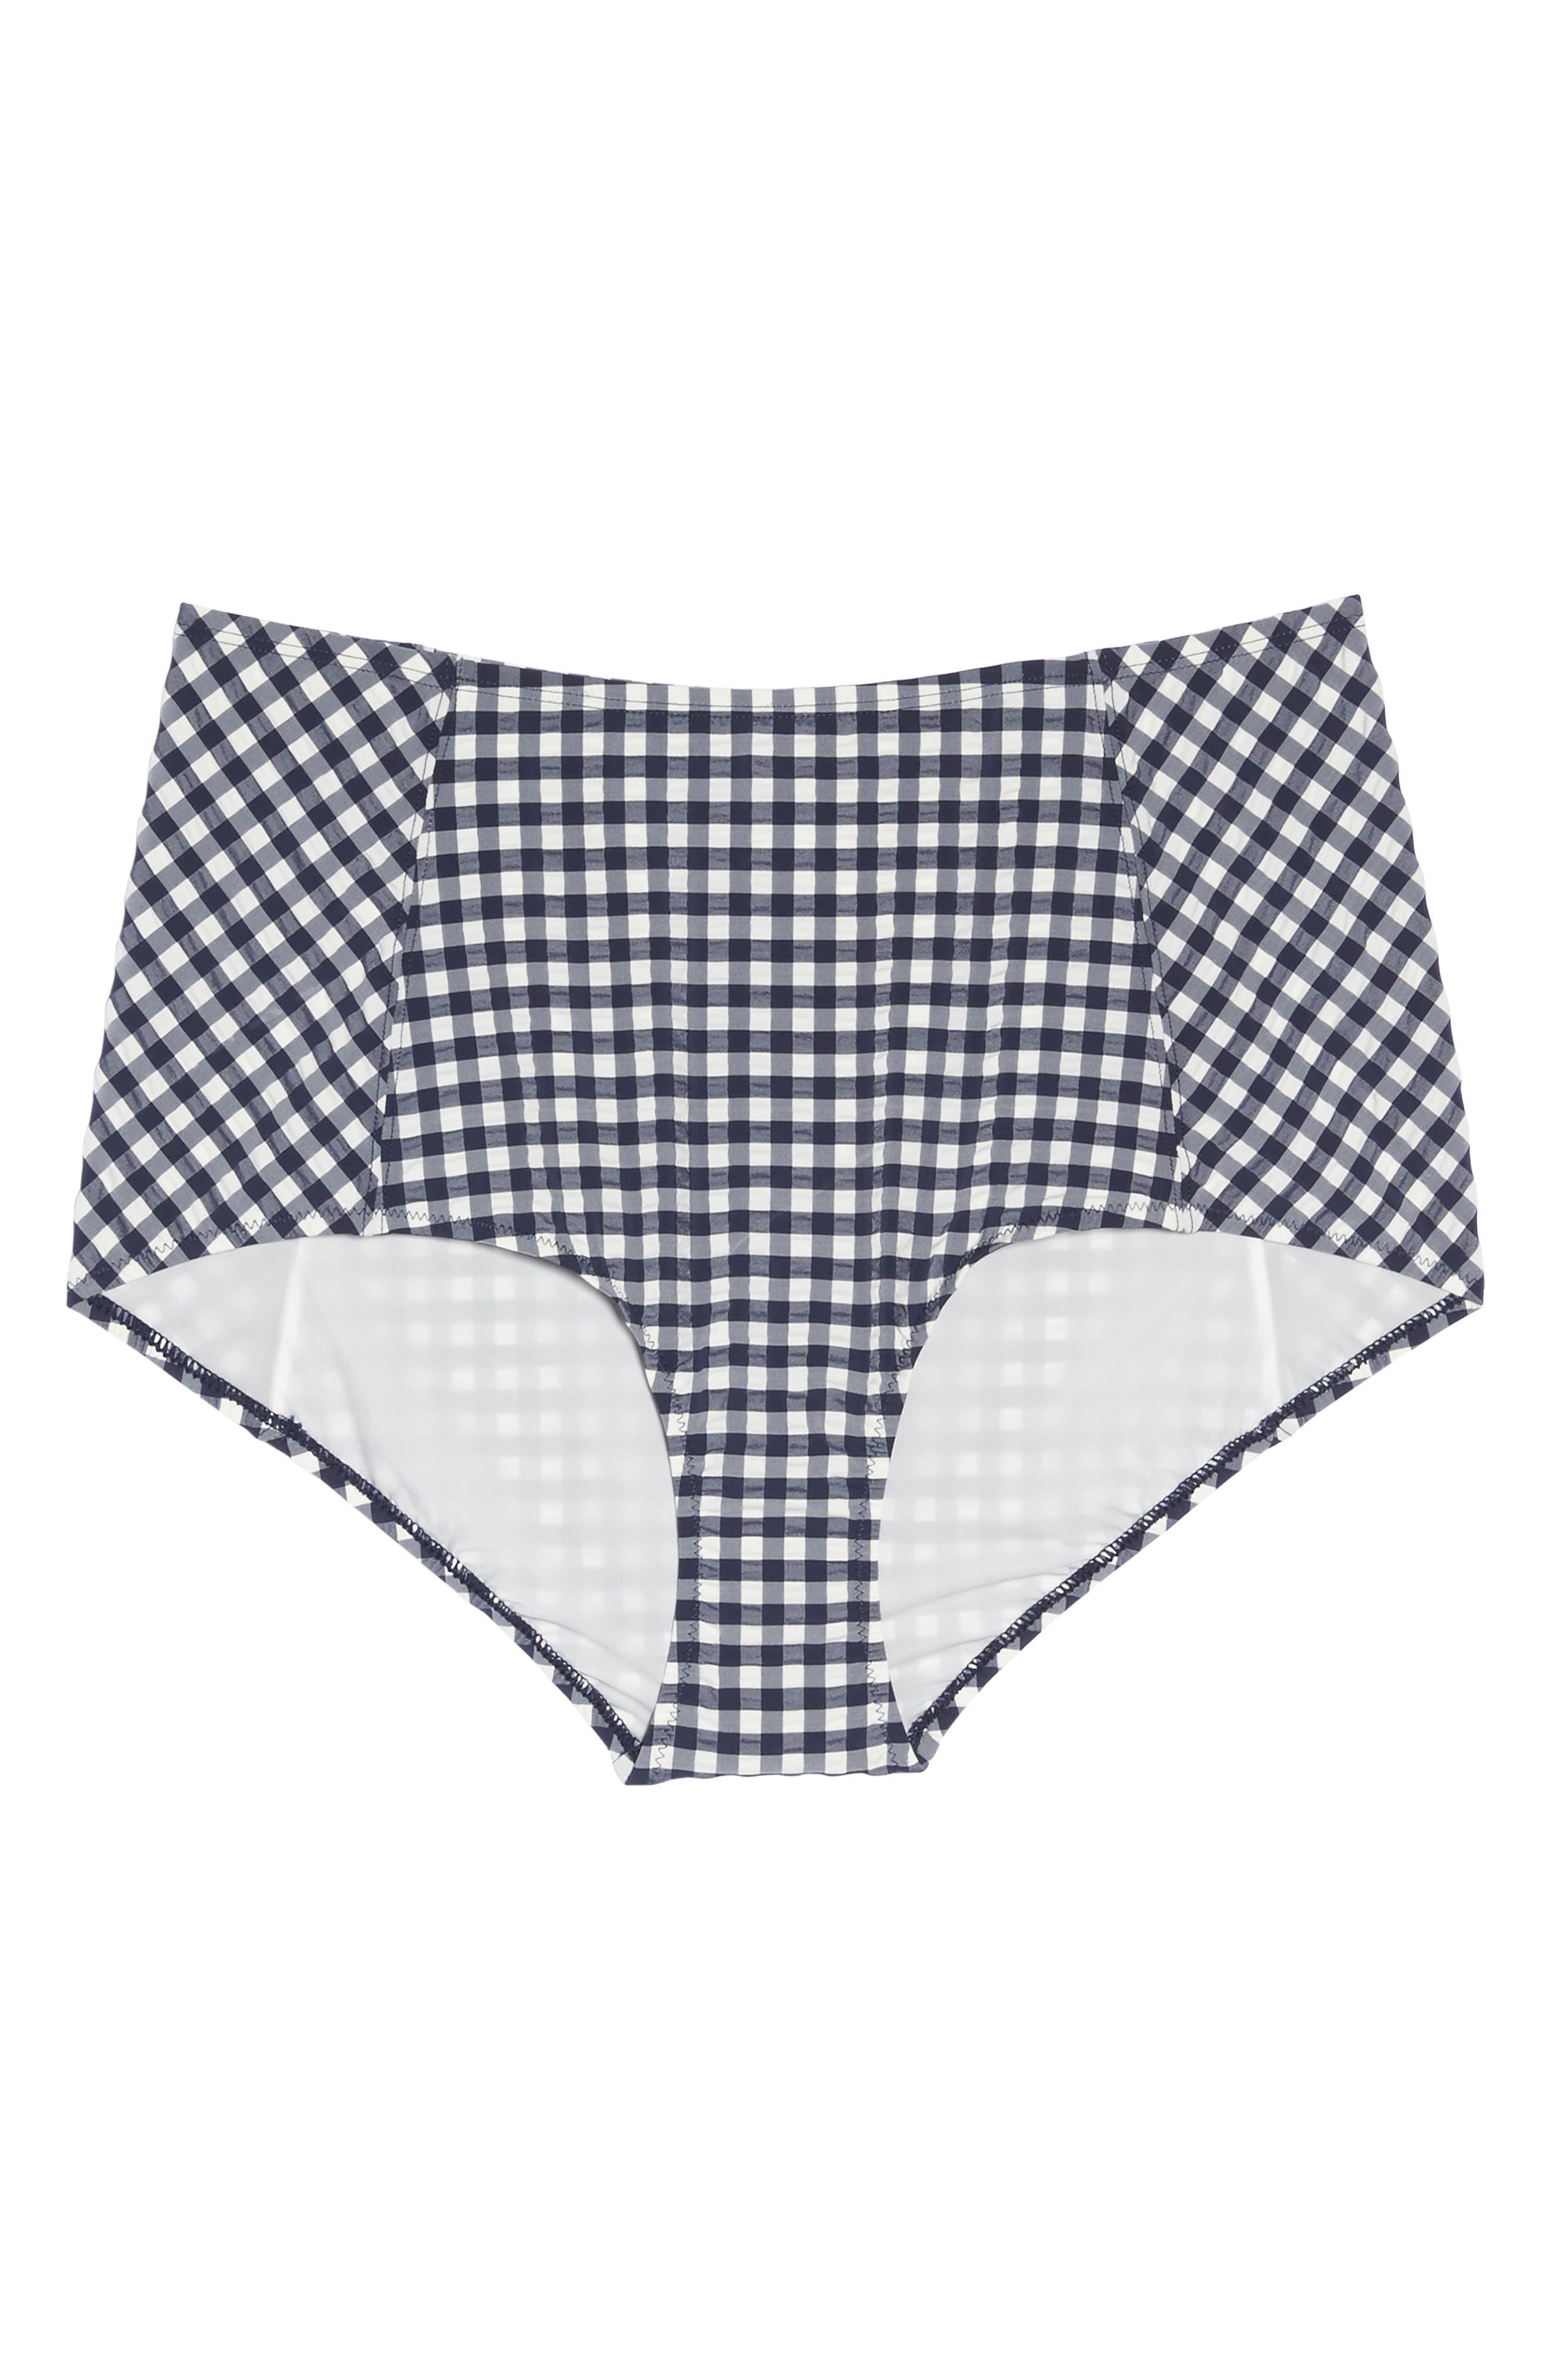 Gingham High Waist Bikini Bottoms,                             Alternate thumbnail 9, color,                             Tory Navy / White